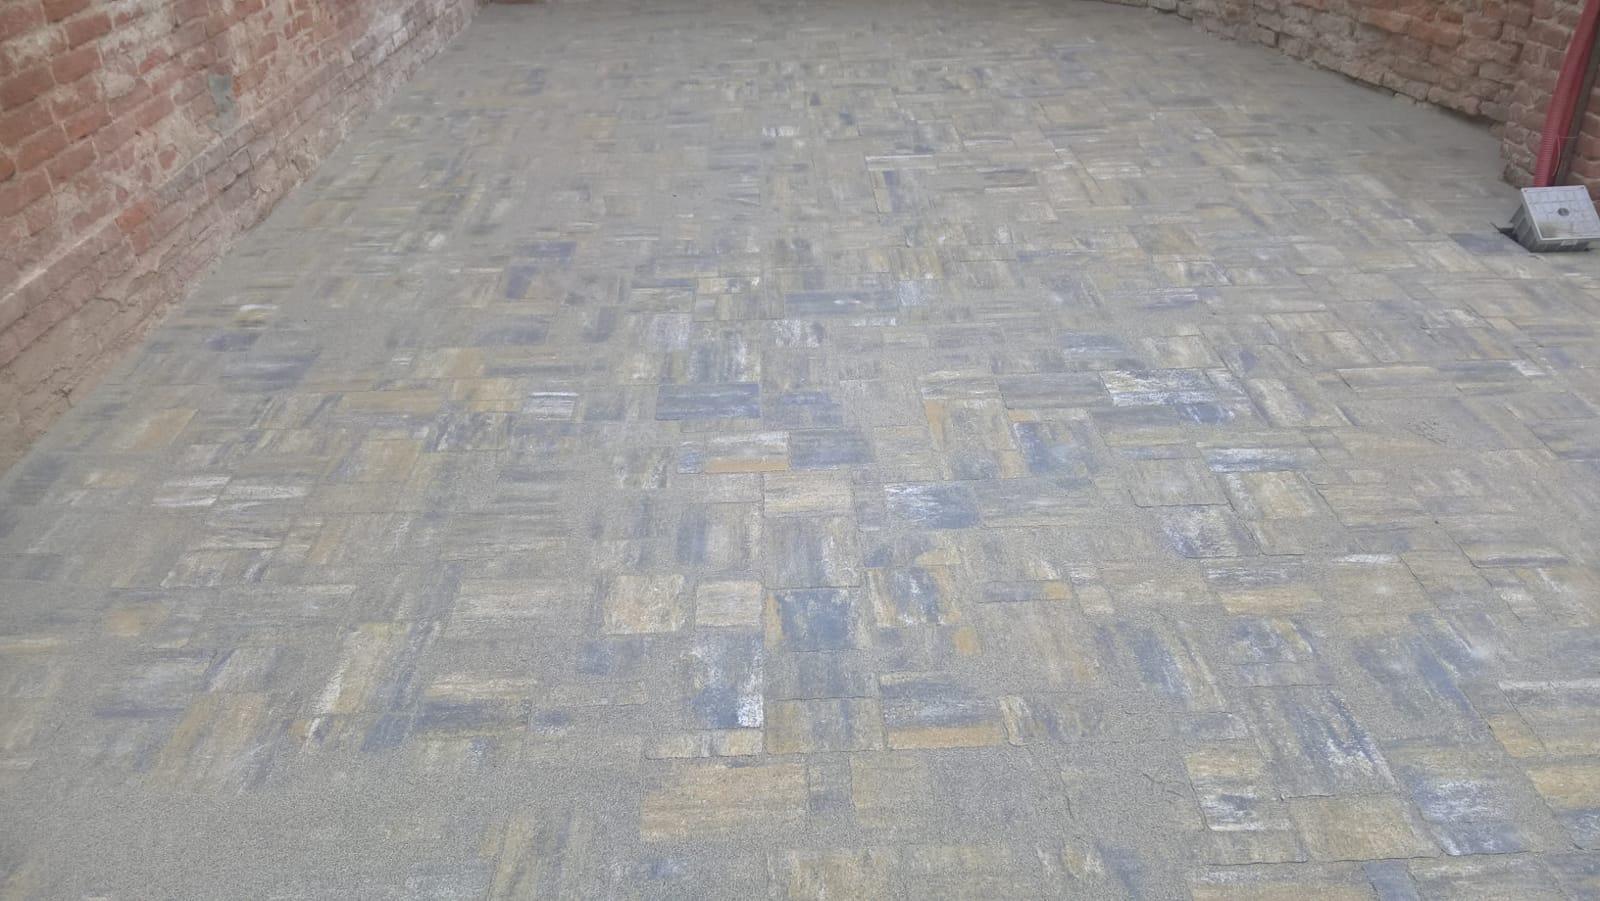 posa pavimentazioni esterne Cozza, posa autobloccanti, masselli, manufatti in cemento, cubetti, canavese, Torino e provincia